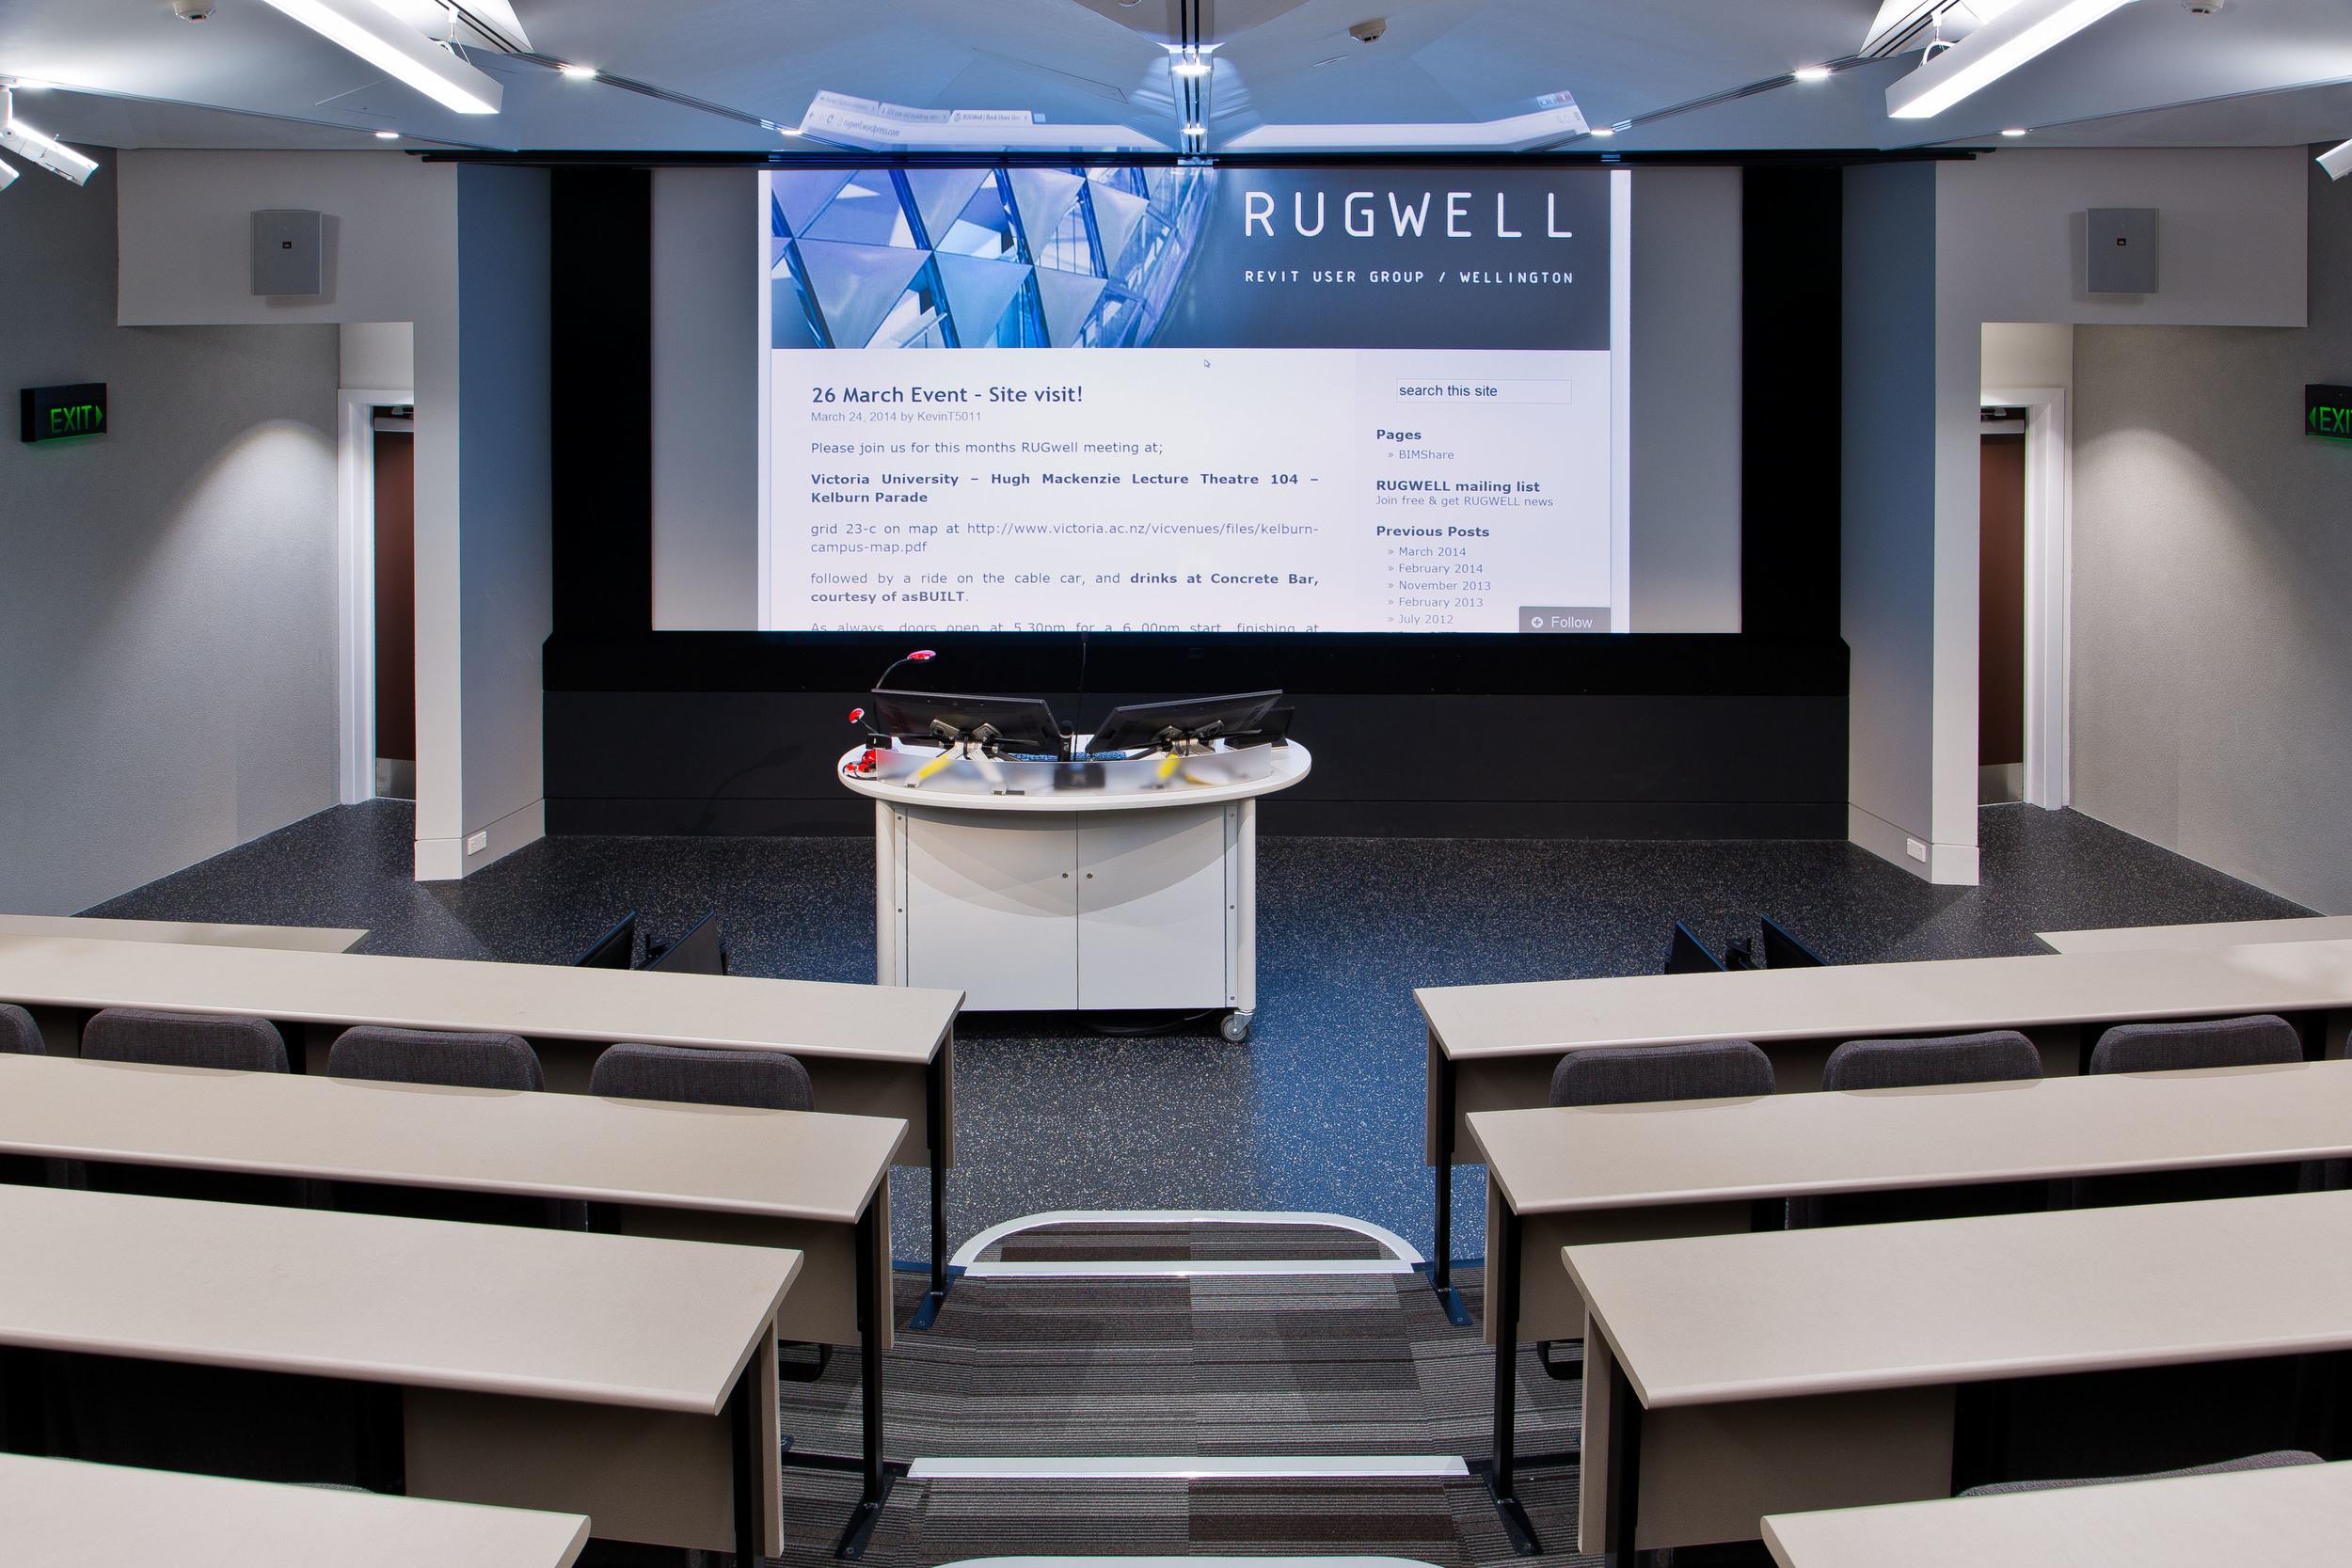 VUW_Hugh Mackenzie Lecture Theatre-104_20.jpg